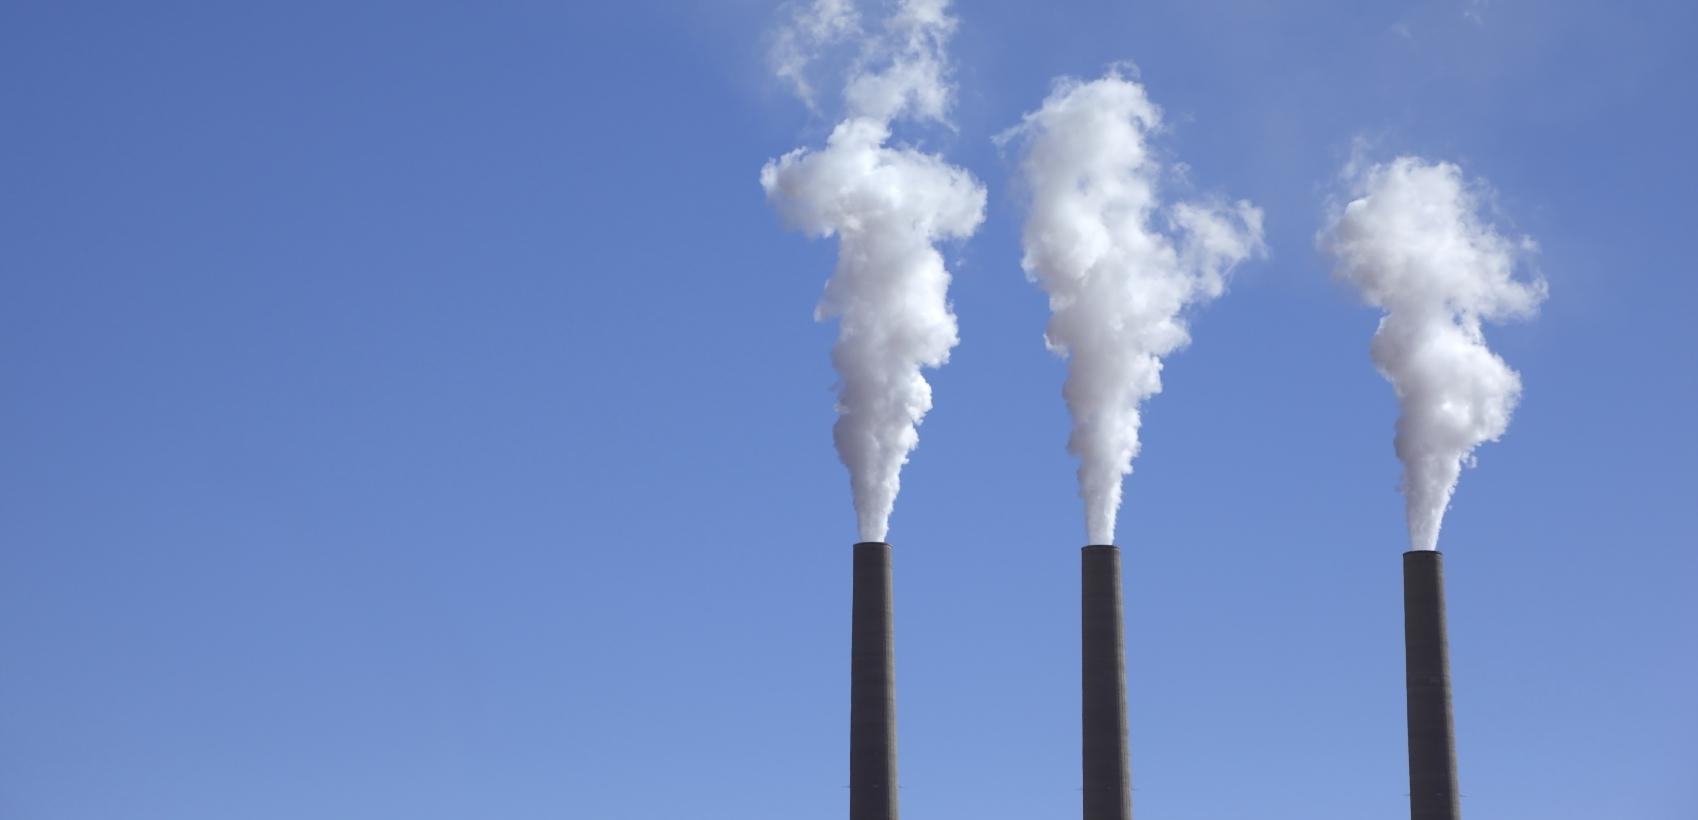 Investir dans la transition écologique en limitant les effets rebond